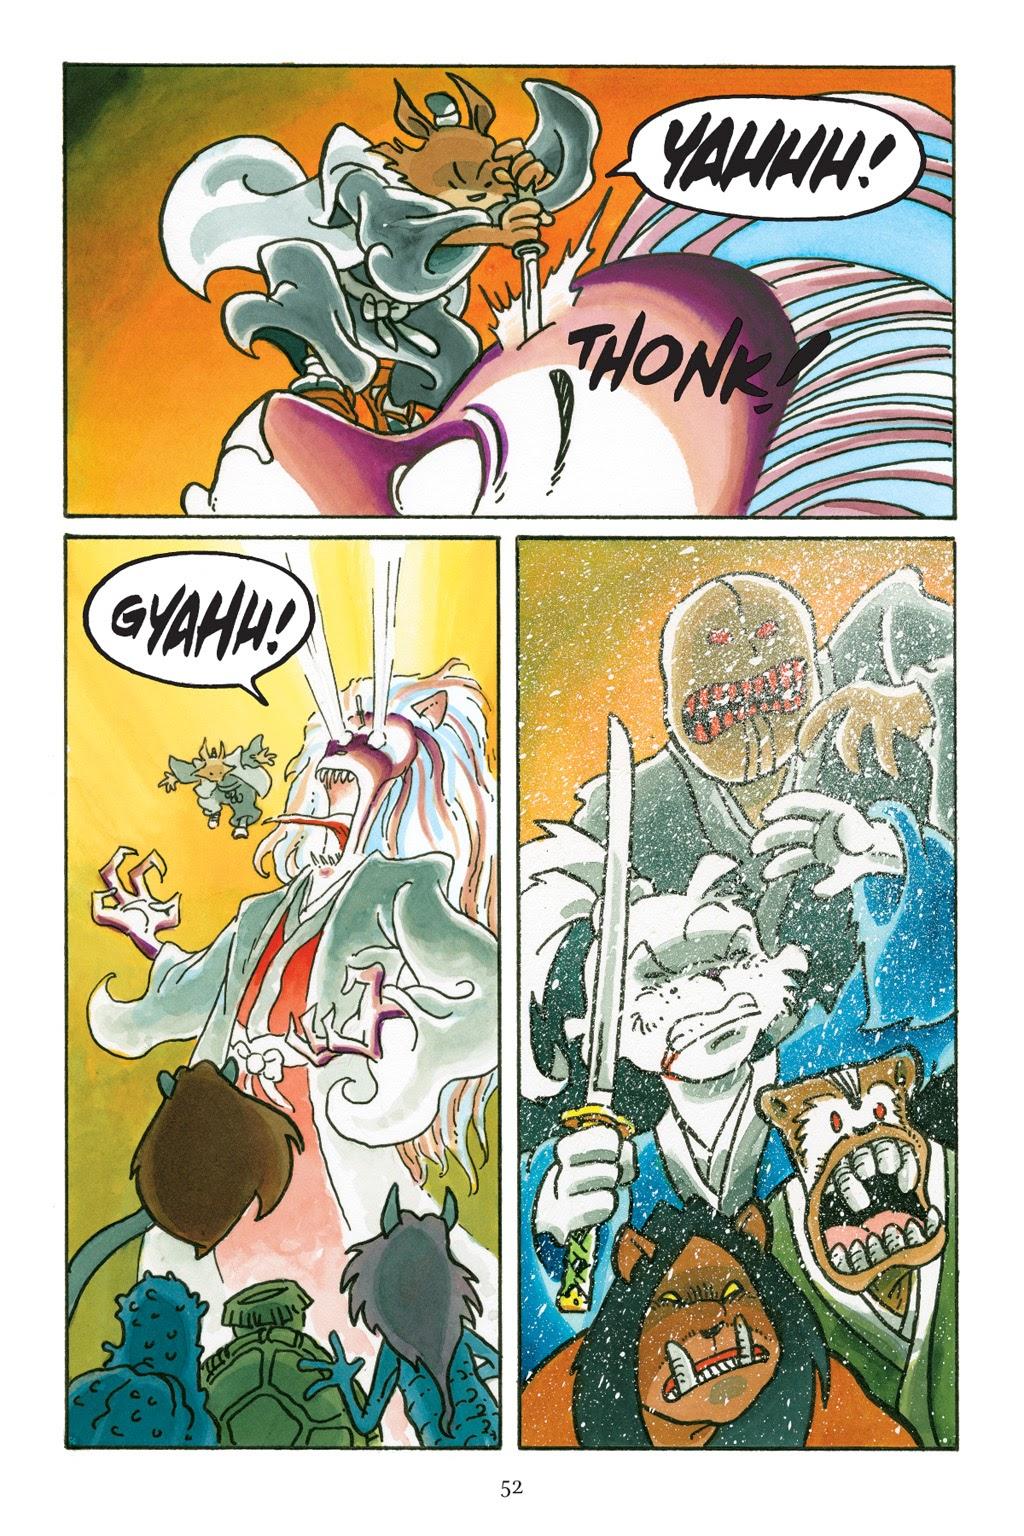 Read online Usagi Yojimbo: Yokai comic -  Issue # Full - 49